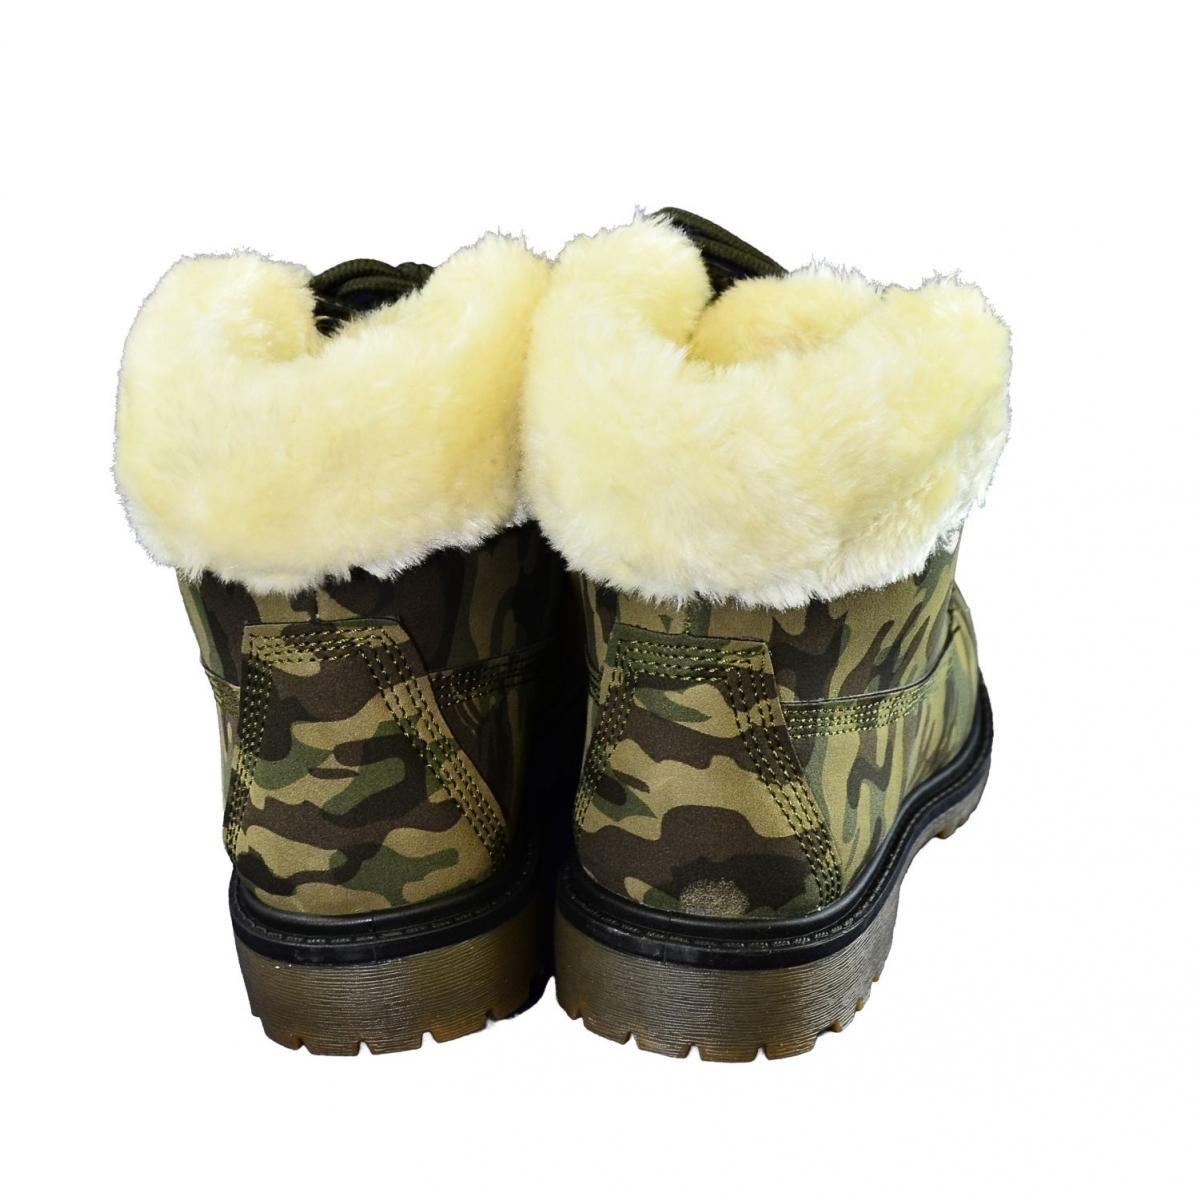 b27396d2dfd9 Dámske maskáčové topánky LEILA - 3